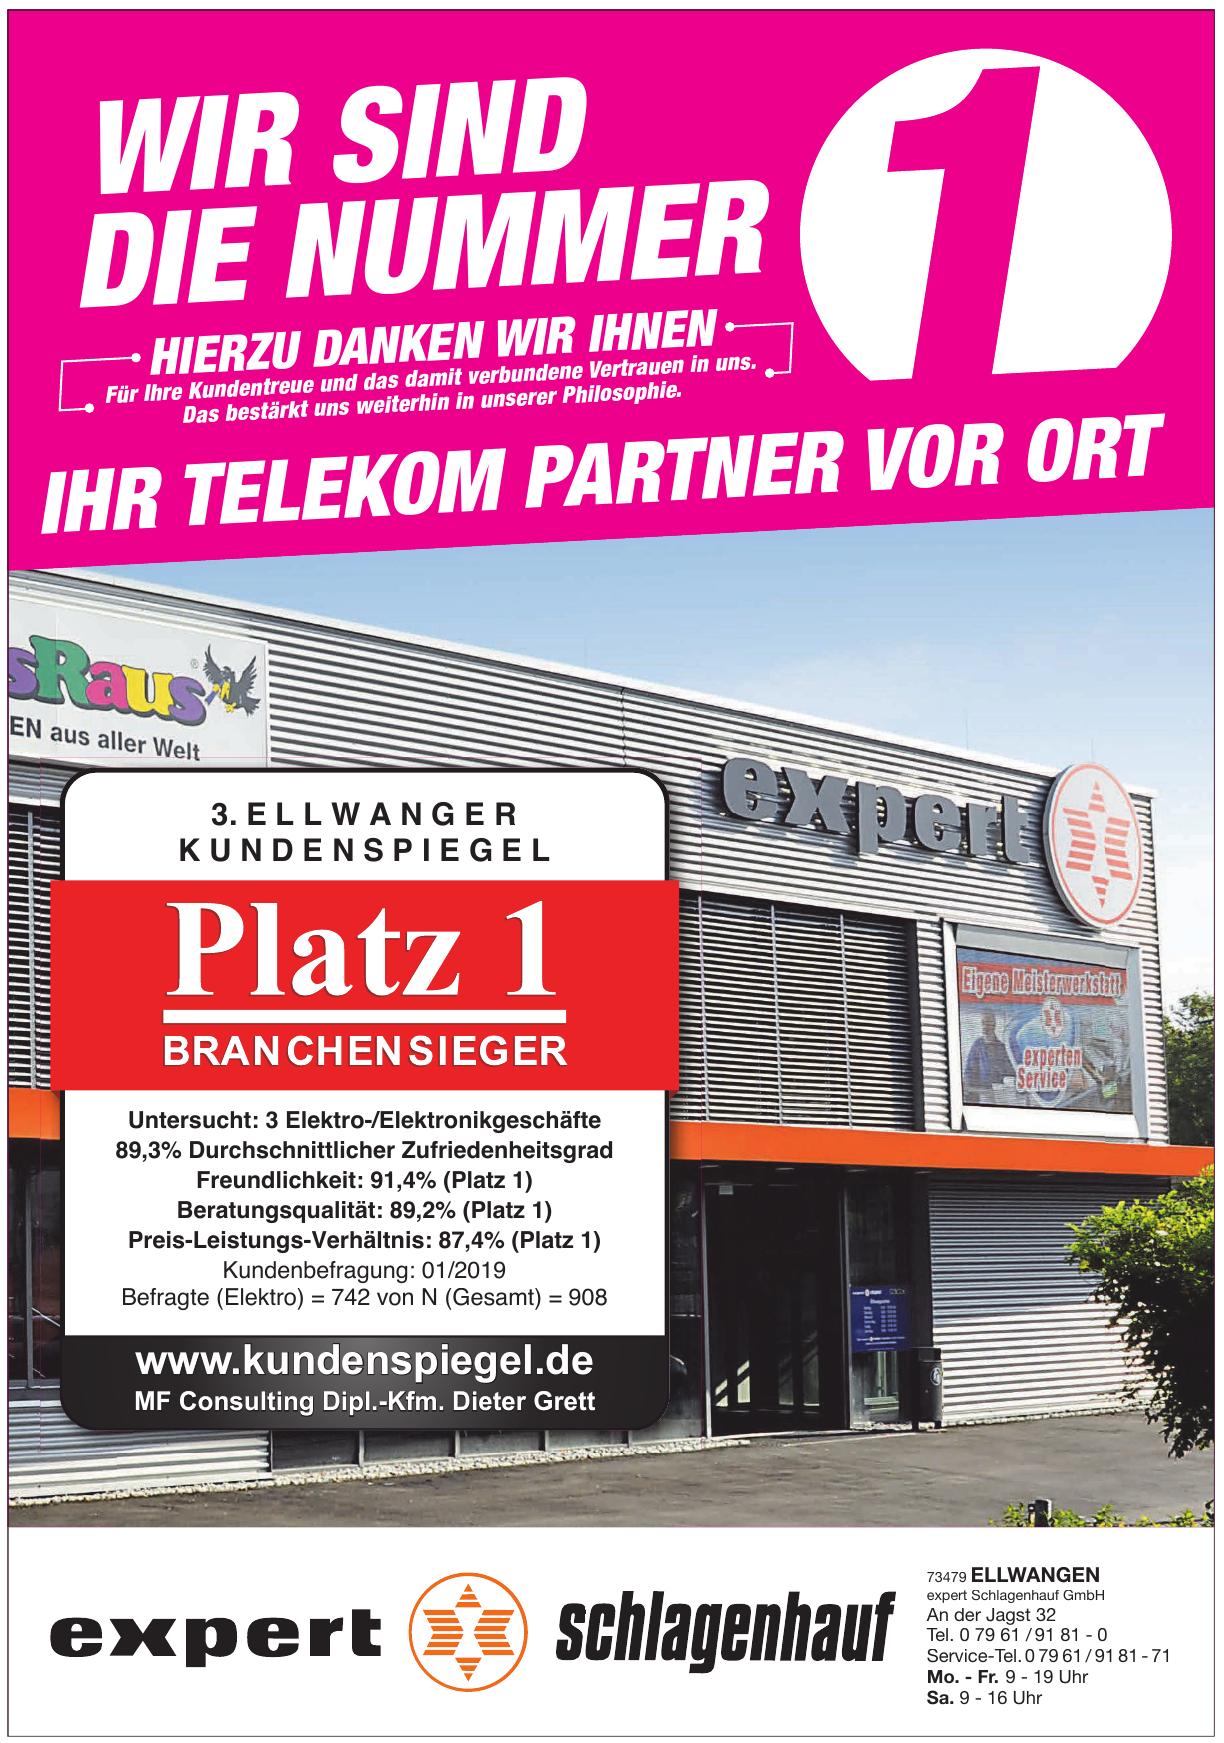 expert Schlagenhauf GmbH